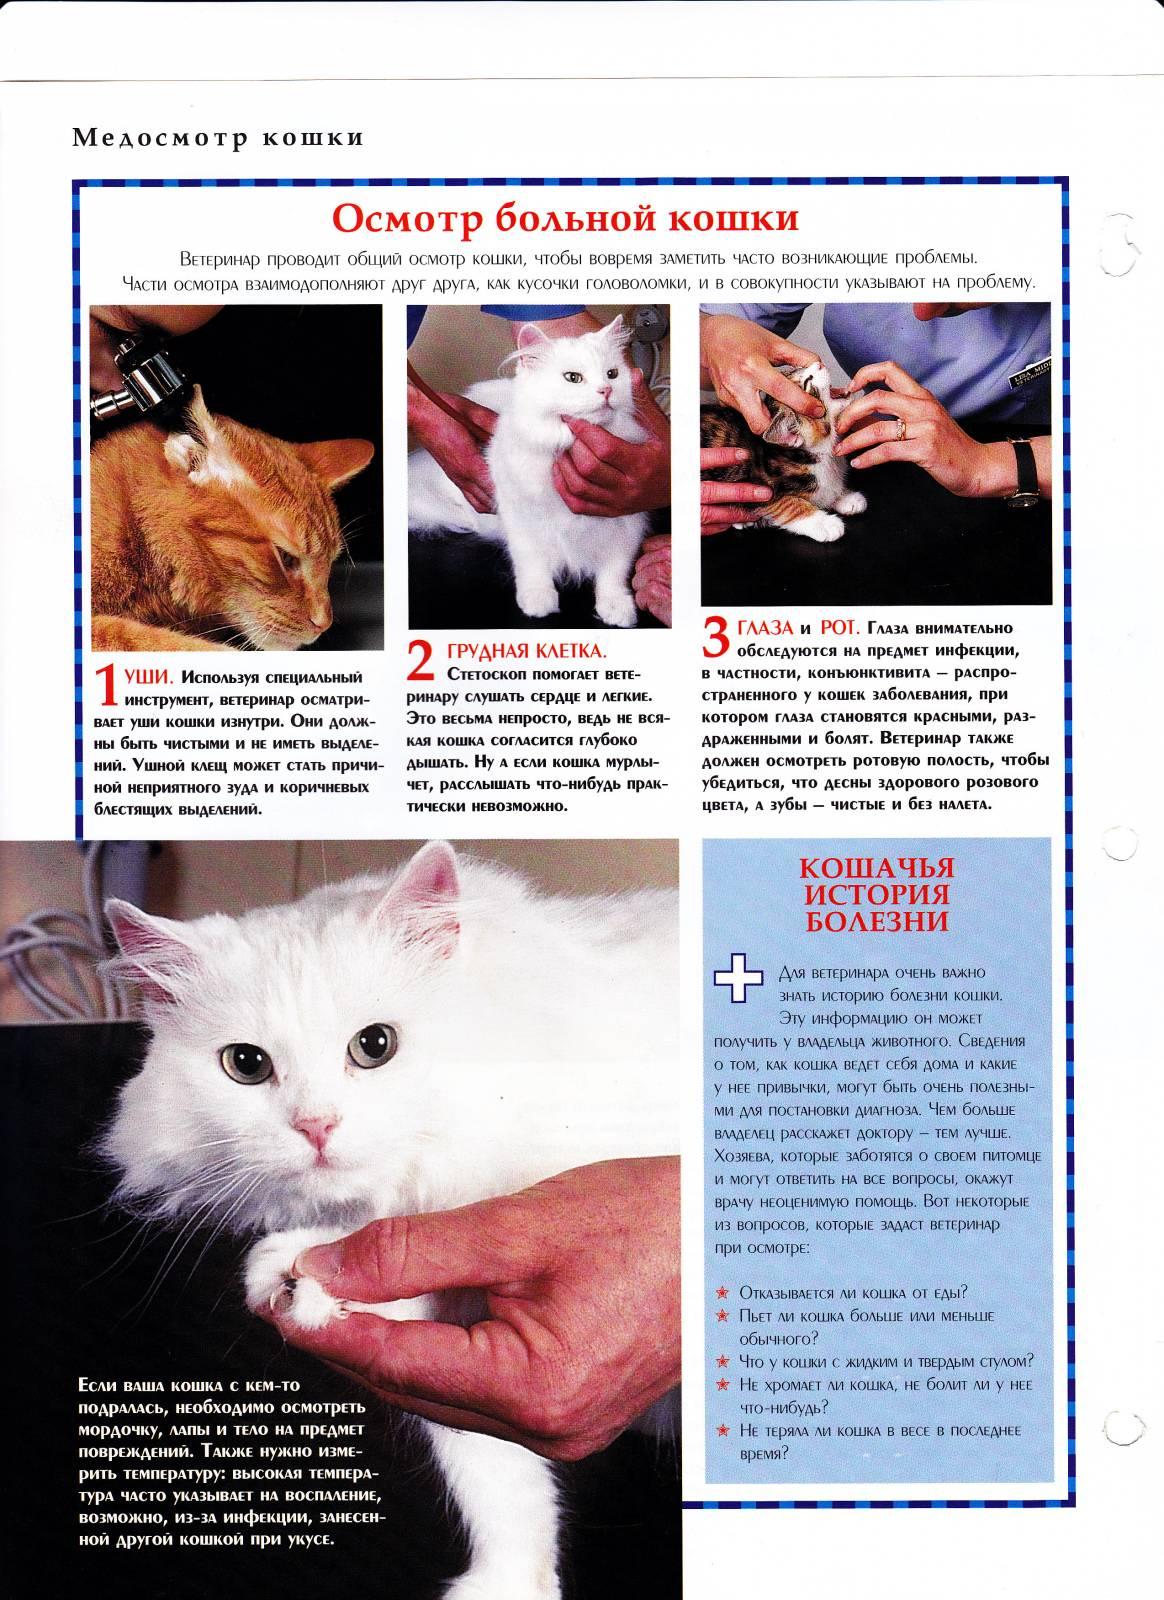 какой день работы ветеринарный дл¤ кошек